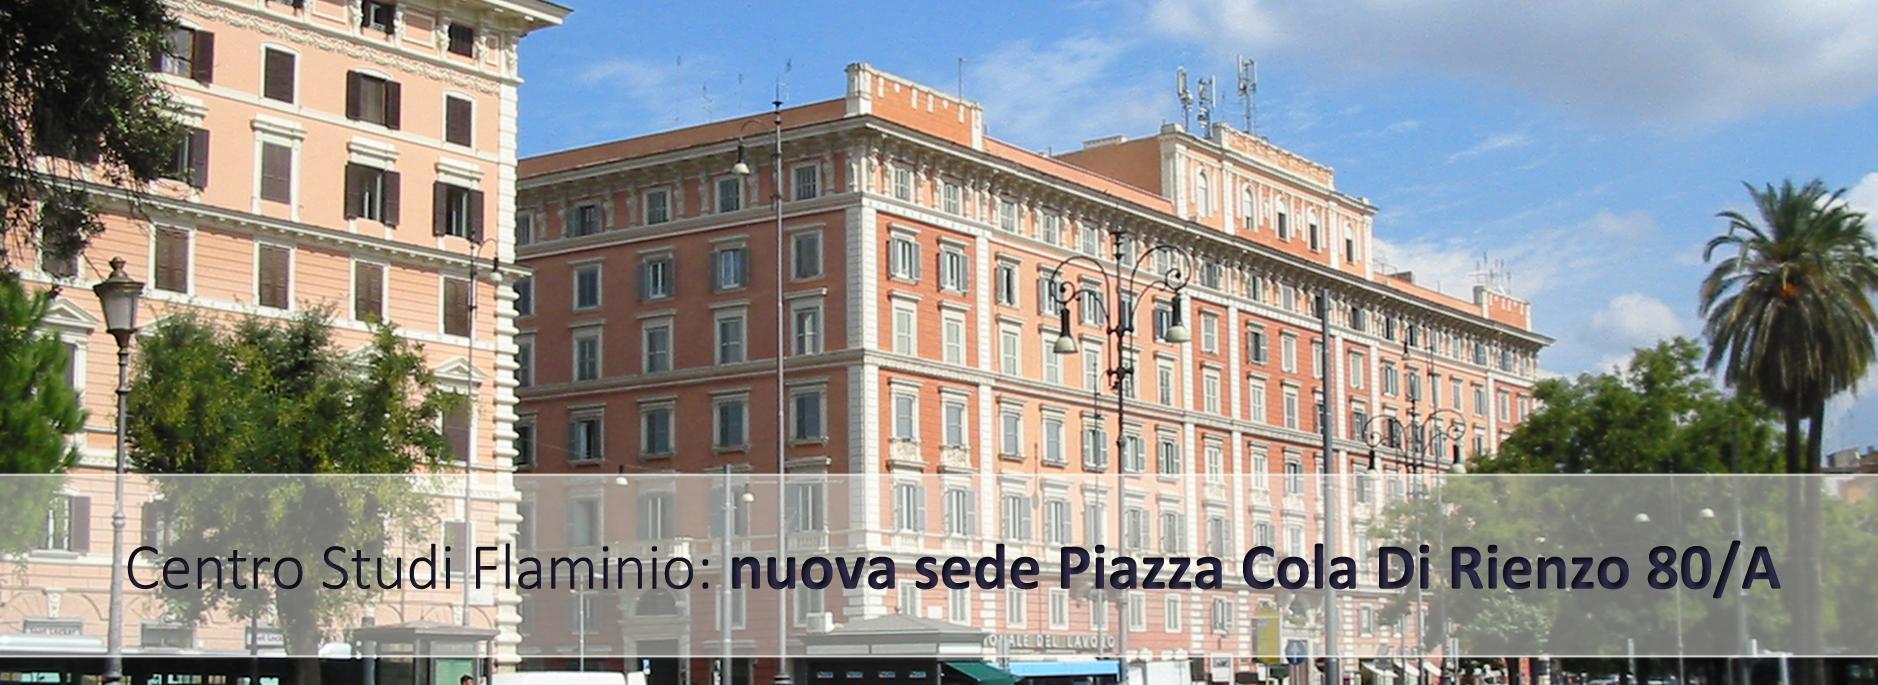 centro studi flaminio scuola privata roma centro